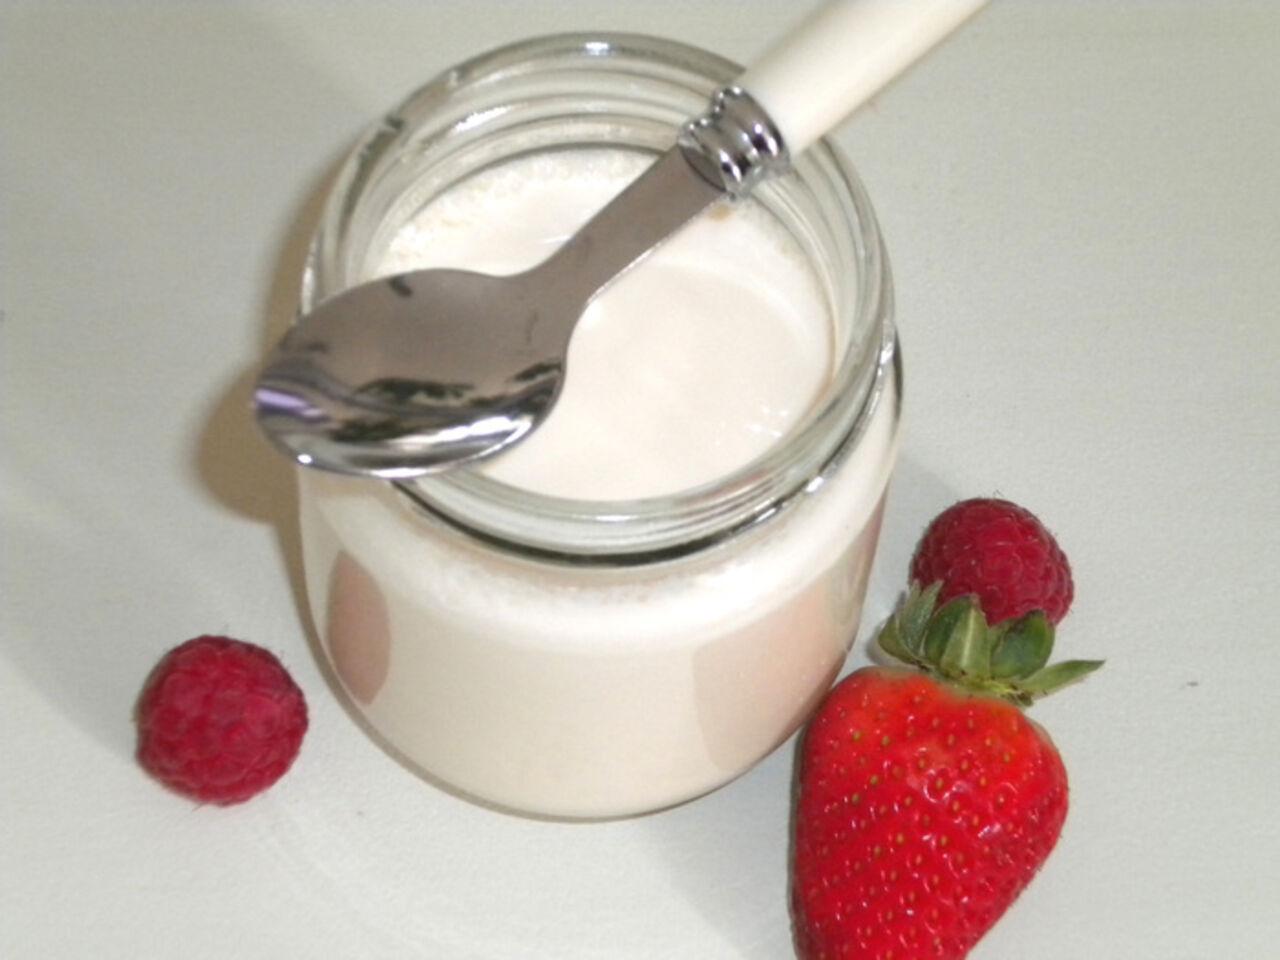 Как приготовить йогурт в домашних условиях рецепты с фото пошагово